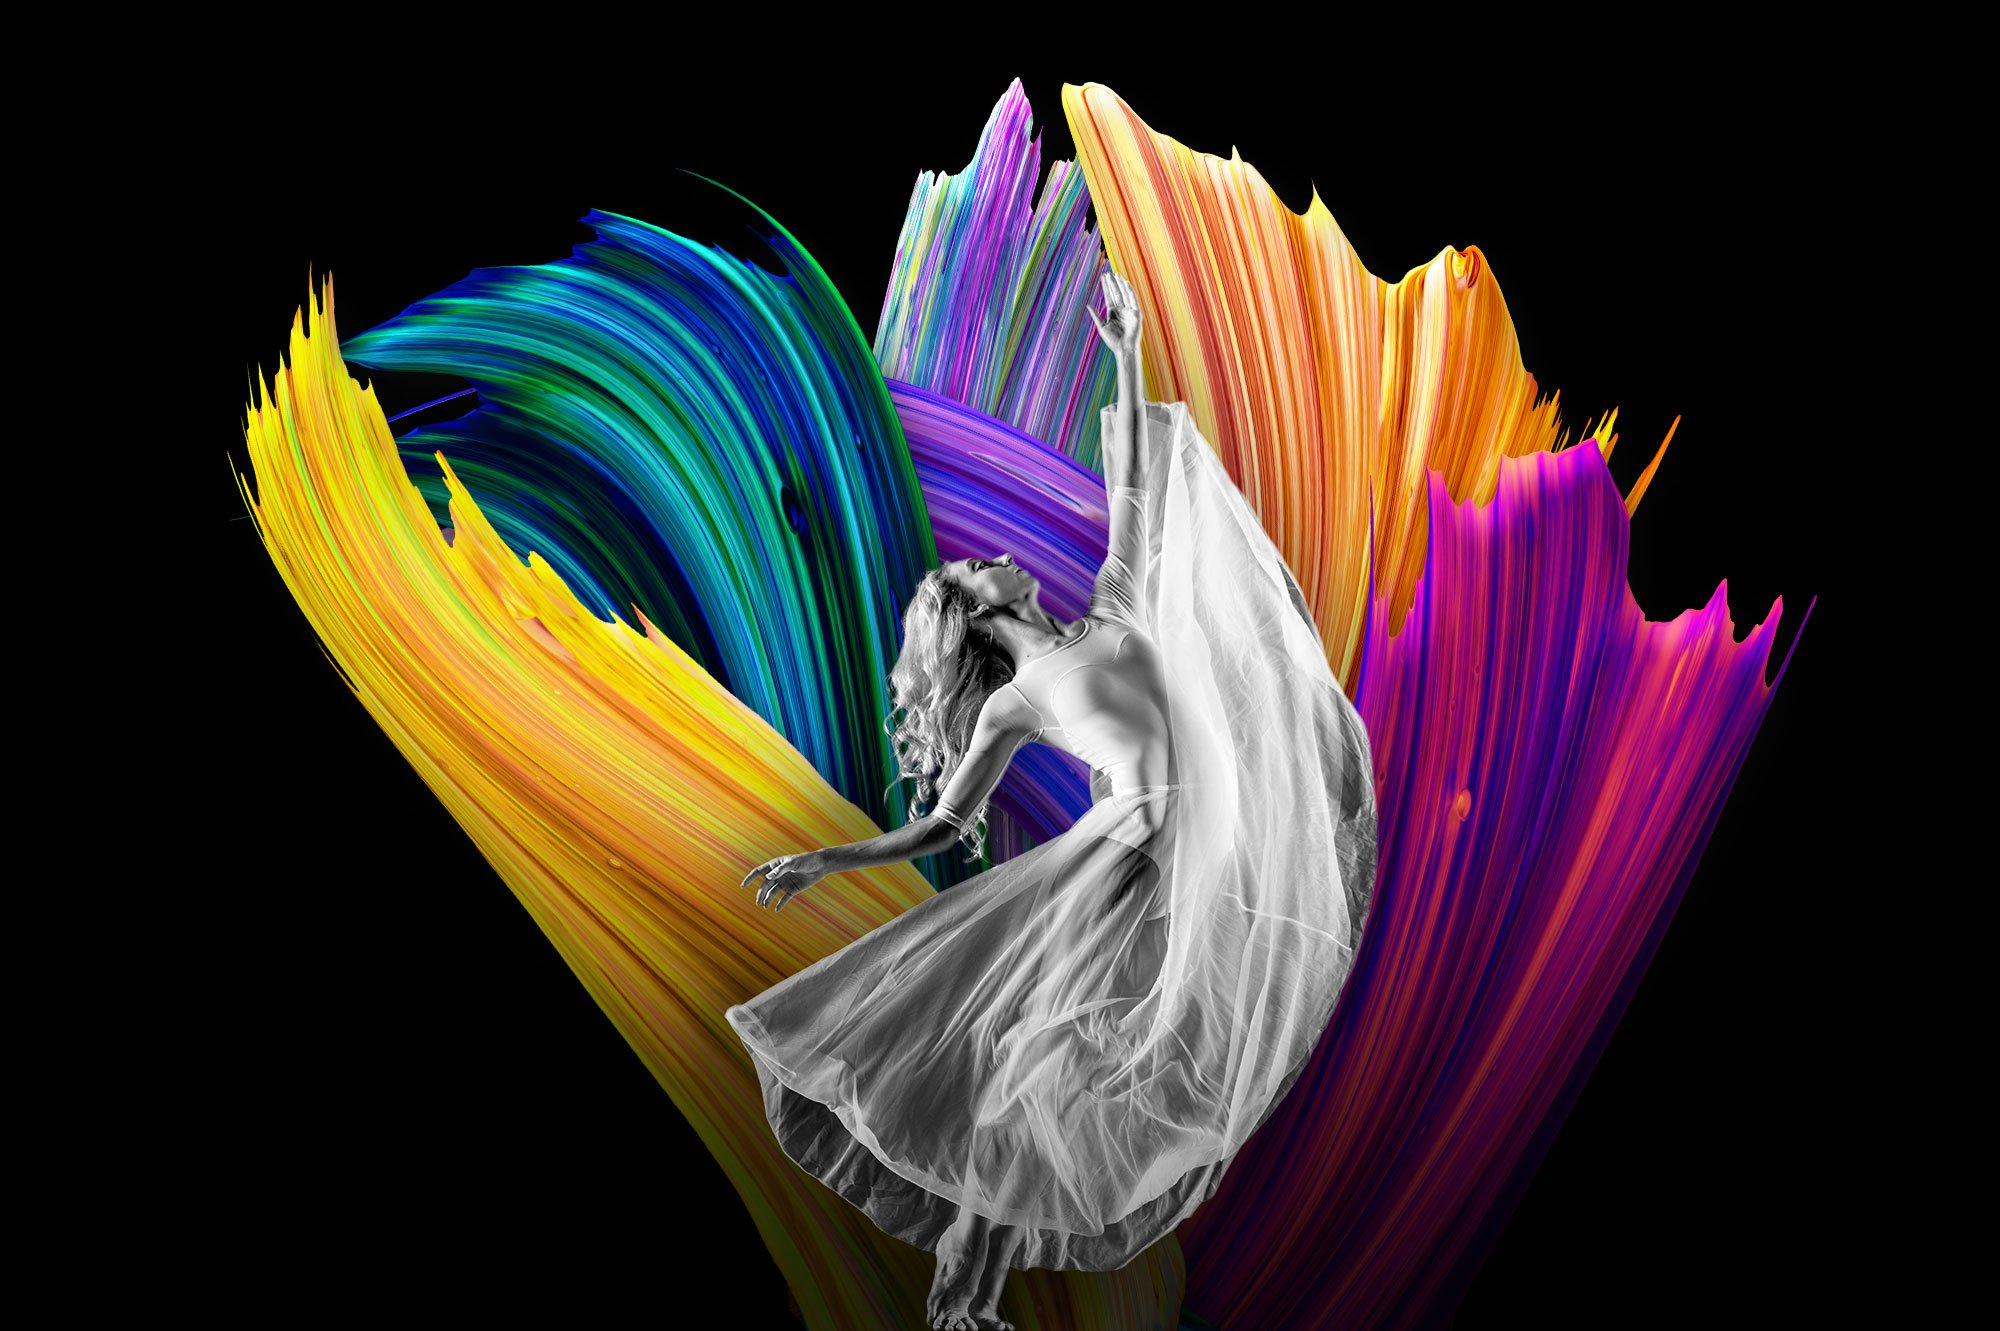 创意炫彩绘画颜料笔刷海报主视觉广告设计PS素材 Vibrant Paint Strokes插图(11)